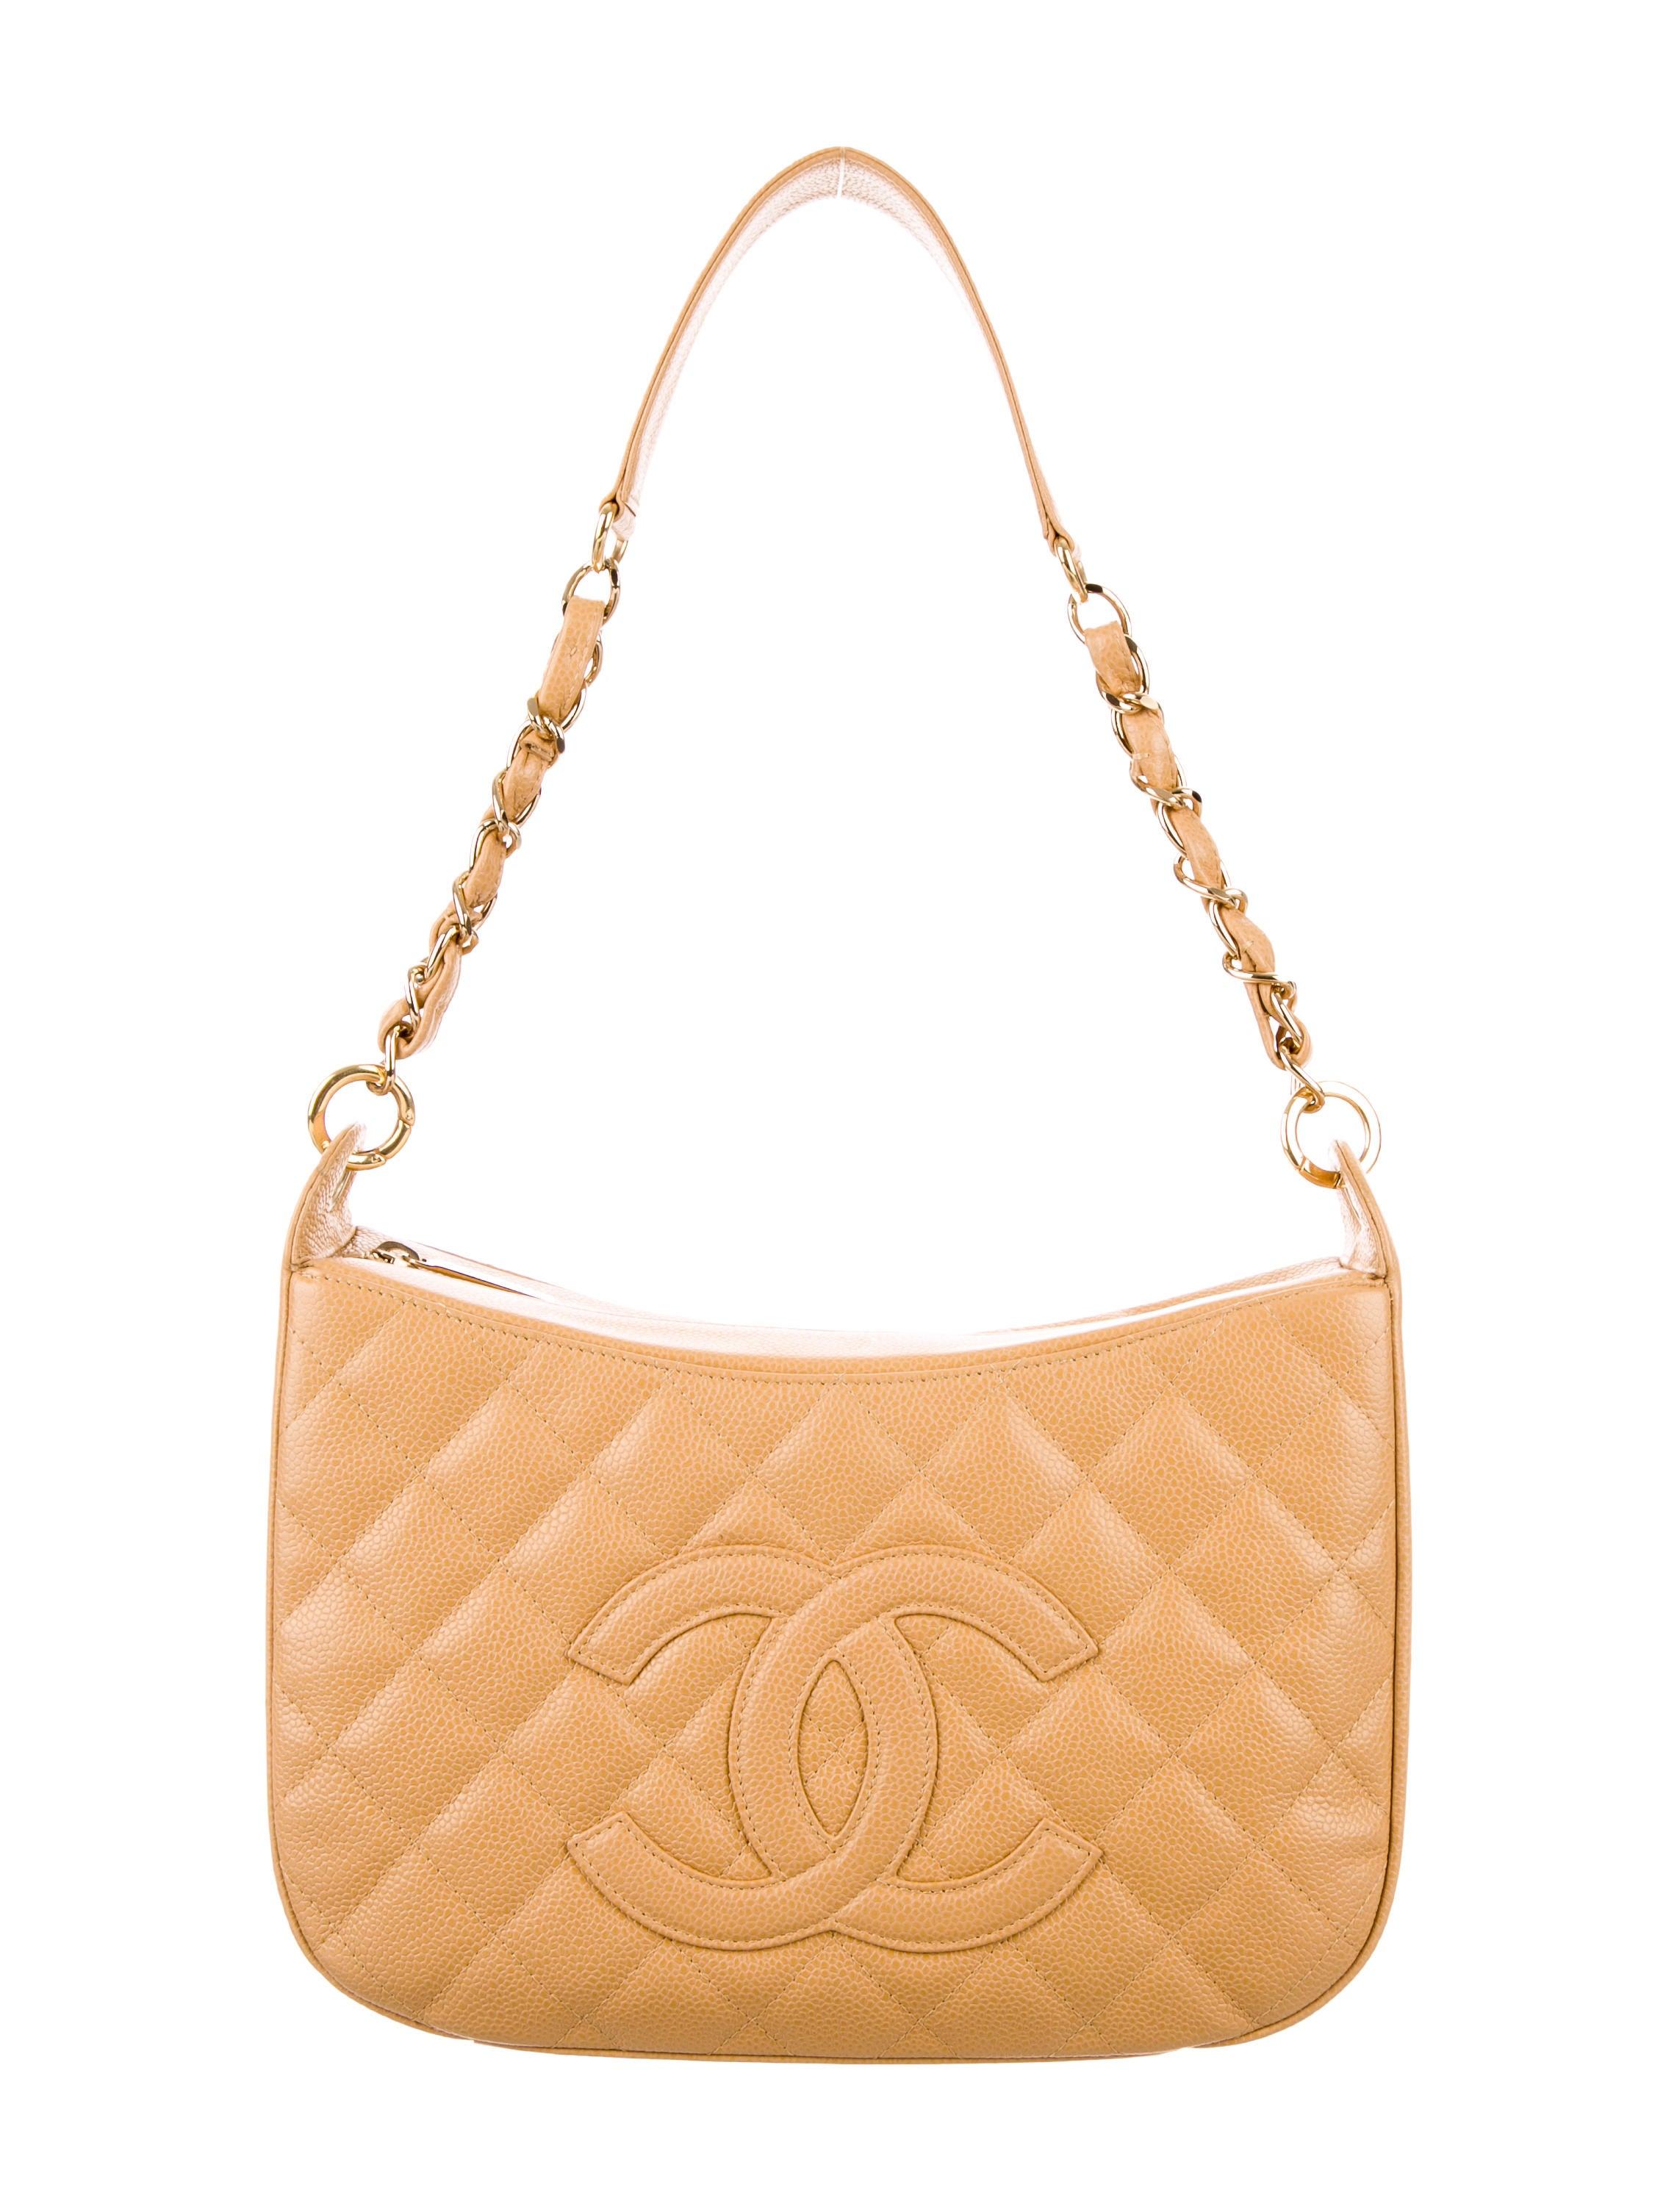 Chanel Timeless Shoulder Bag - Handbags